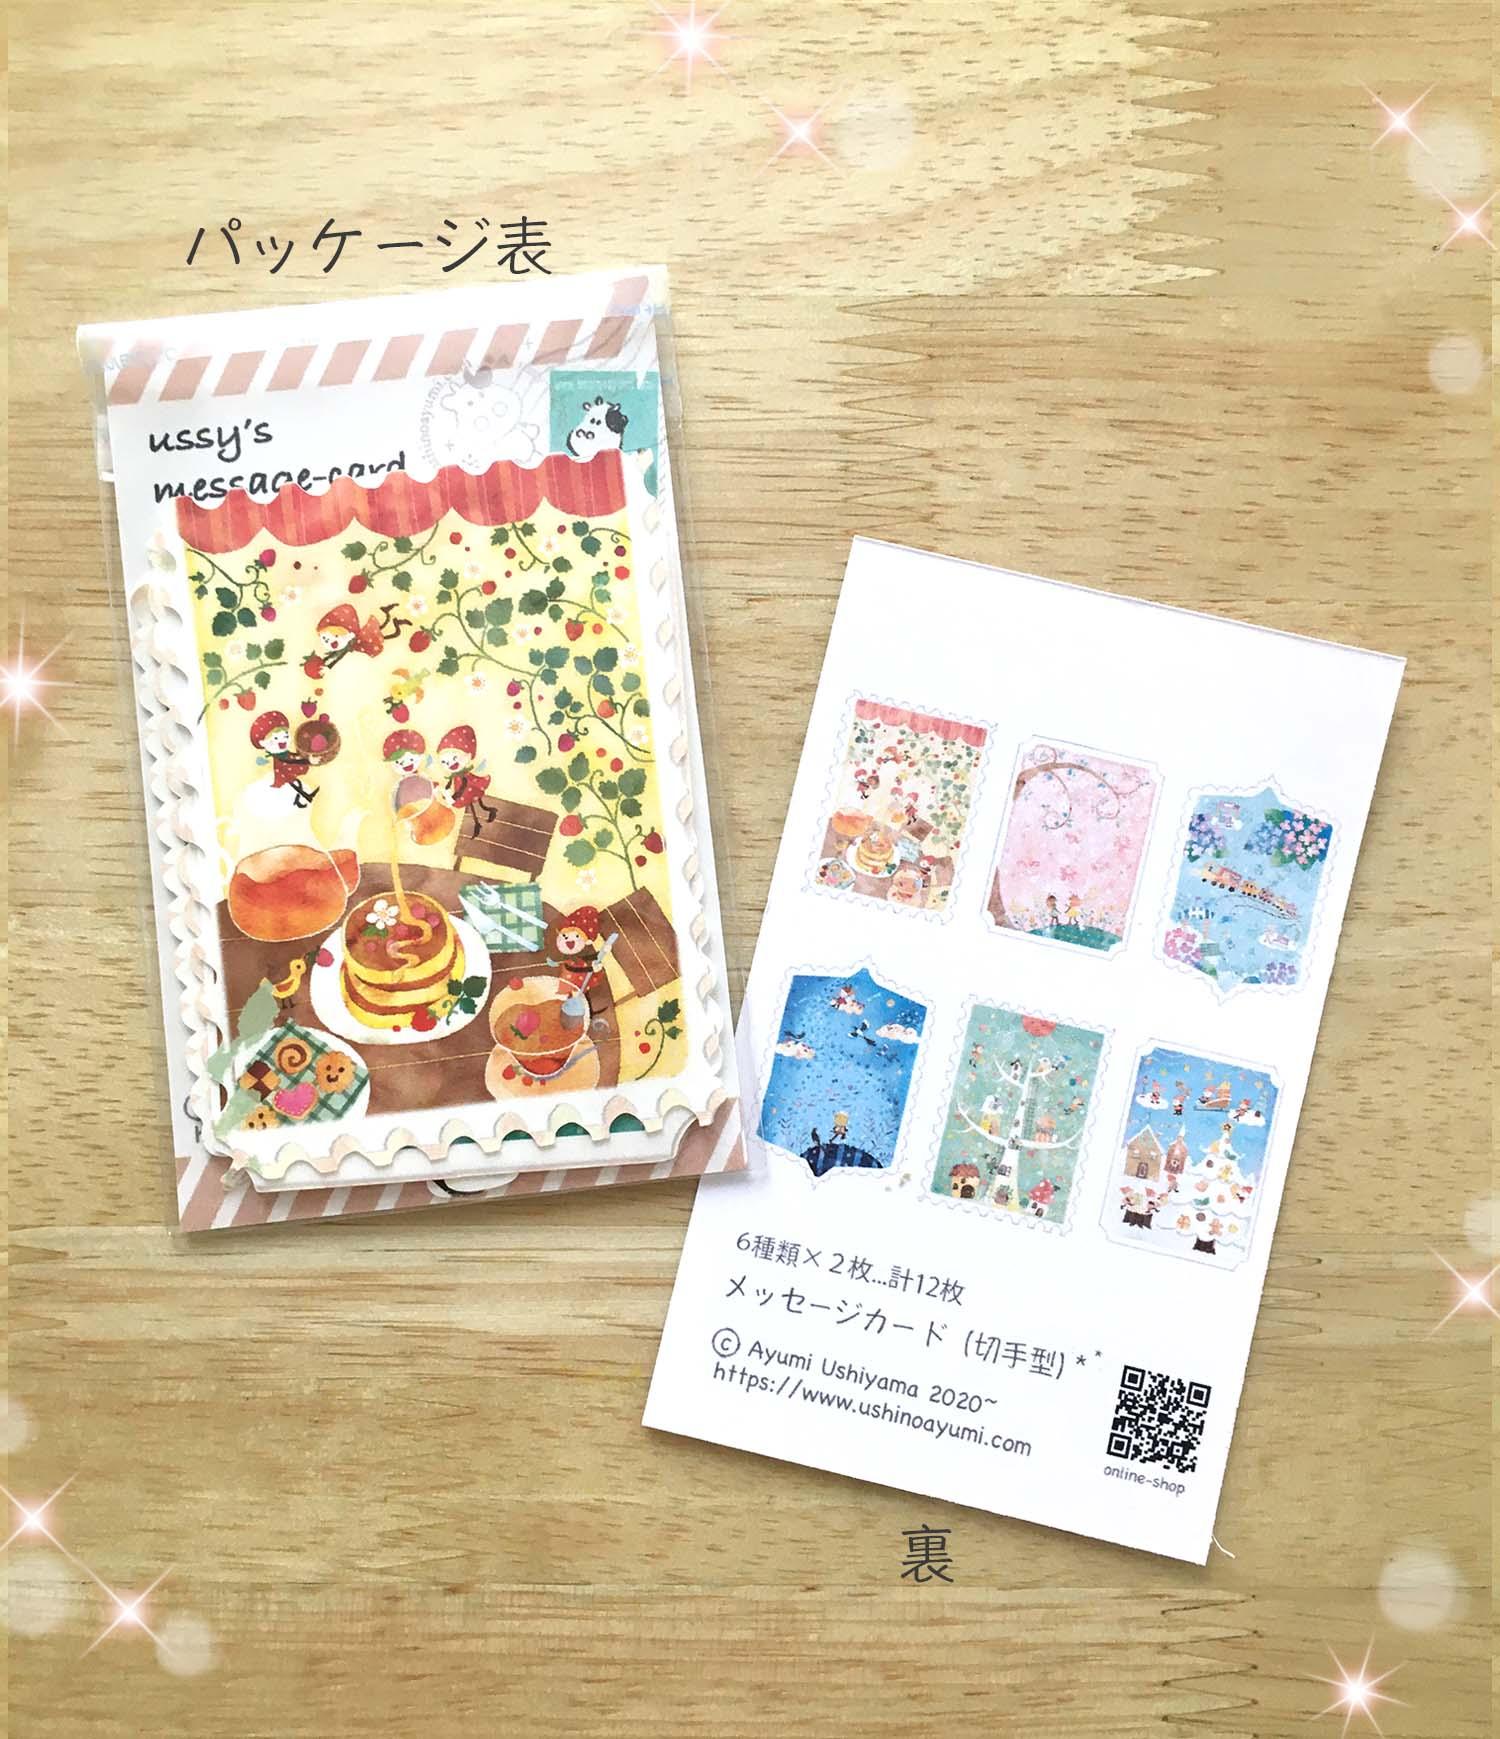 メッセージカード(切手型)<br>6種類×2=12枚 <br>W70×H107mm パッケージ外寸¥300(税込)